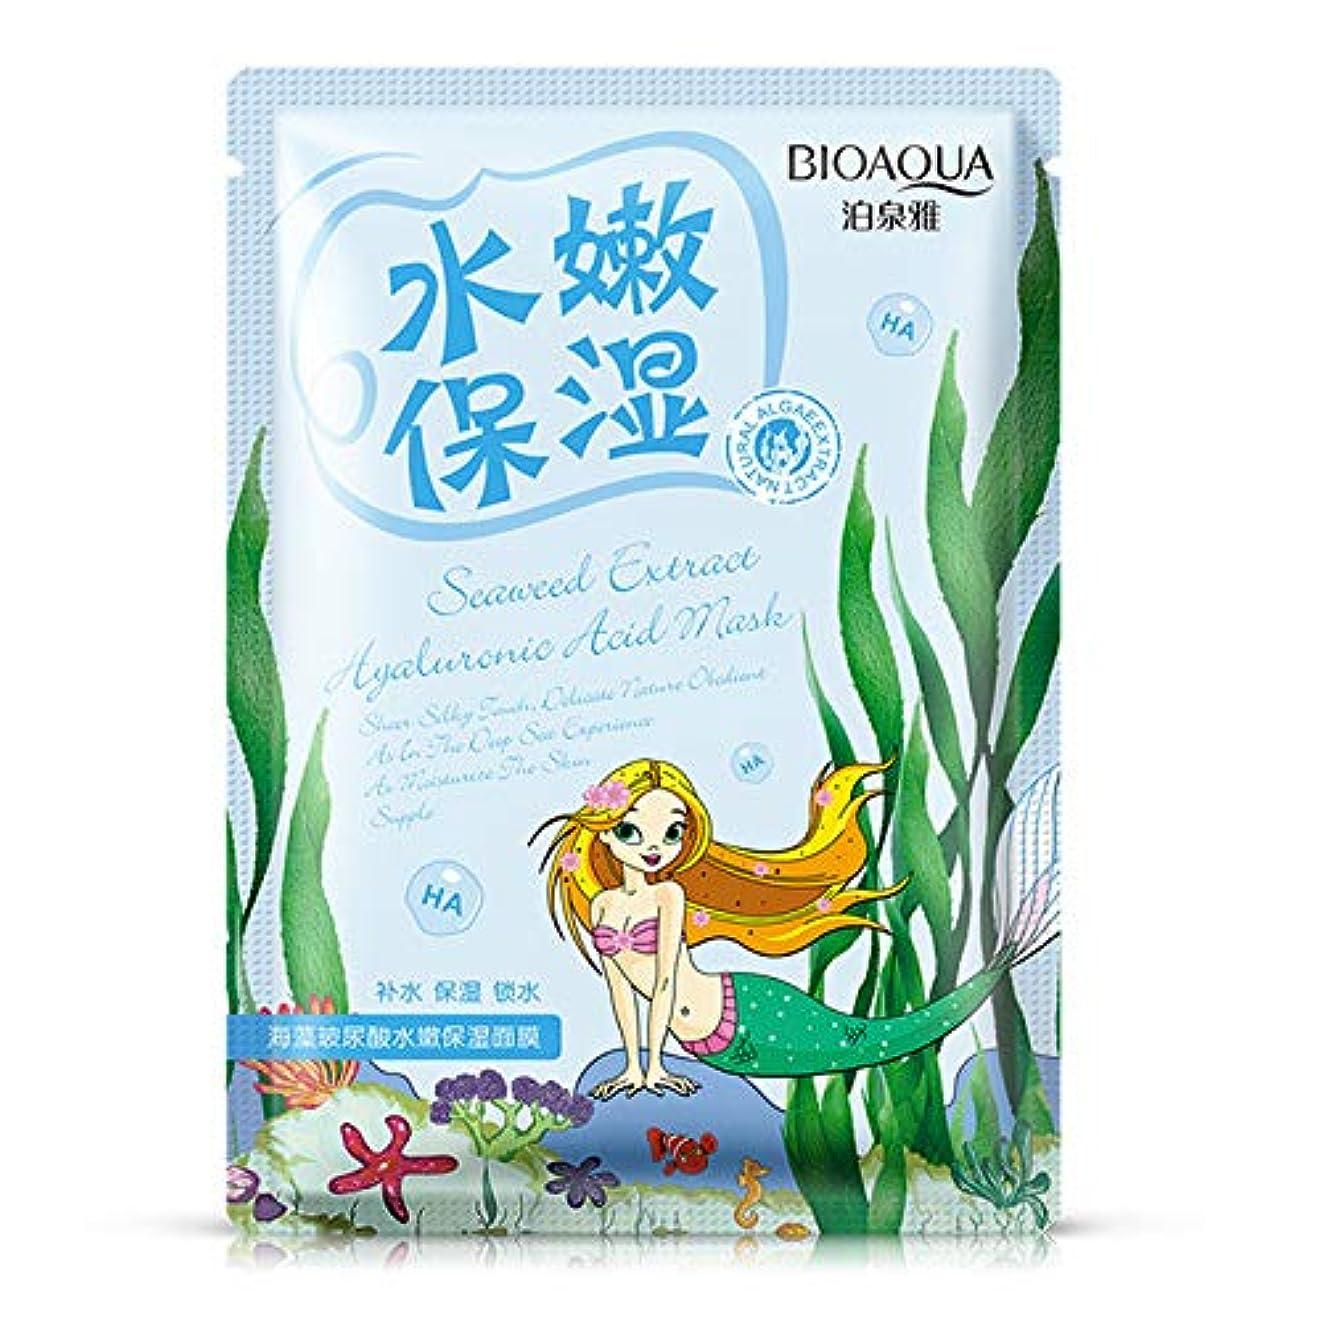 クリーク袋パンACHICOO 保湿パック 潤い スキンケア マスク 白く 女性 化粧 メイクアップ ファッション